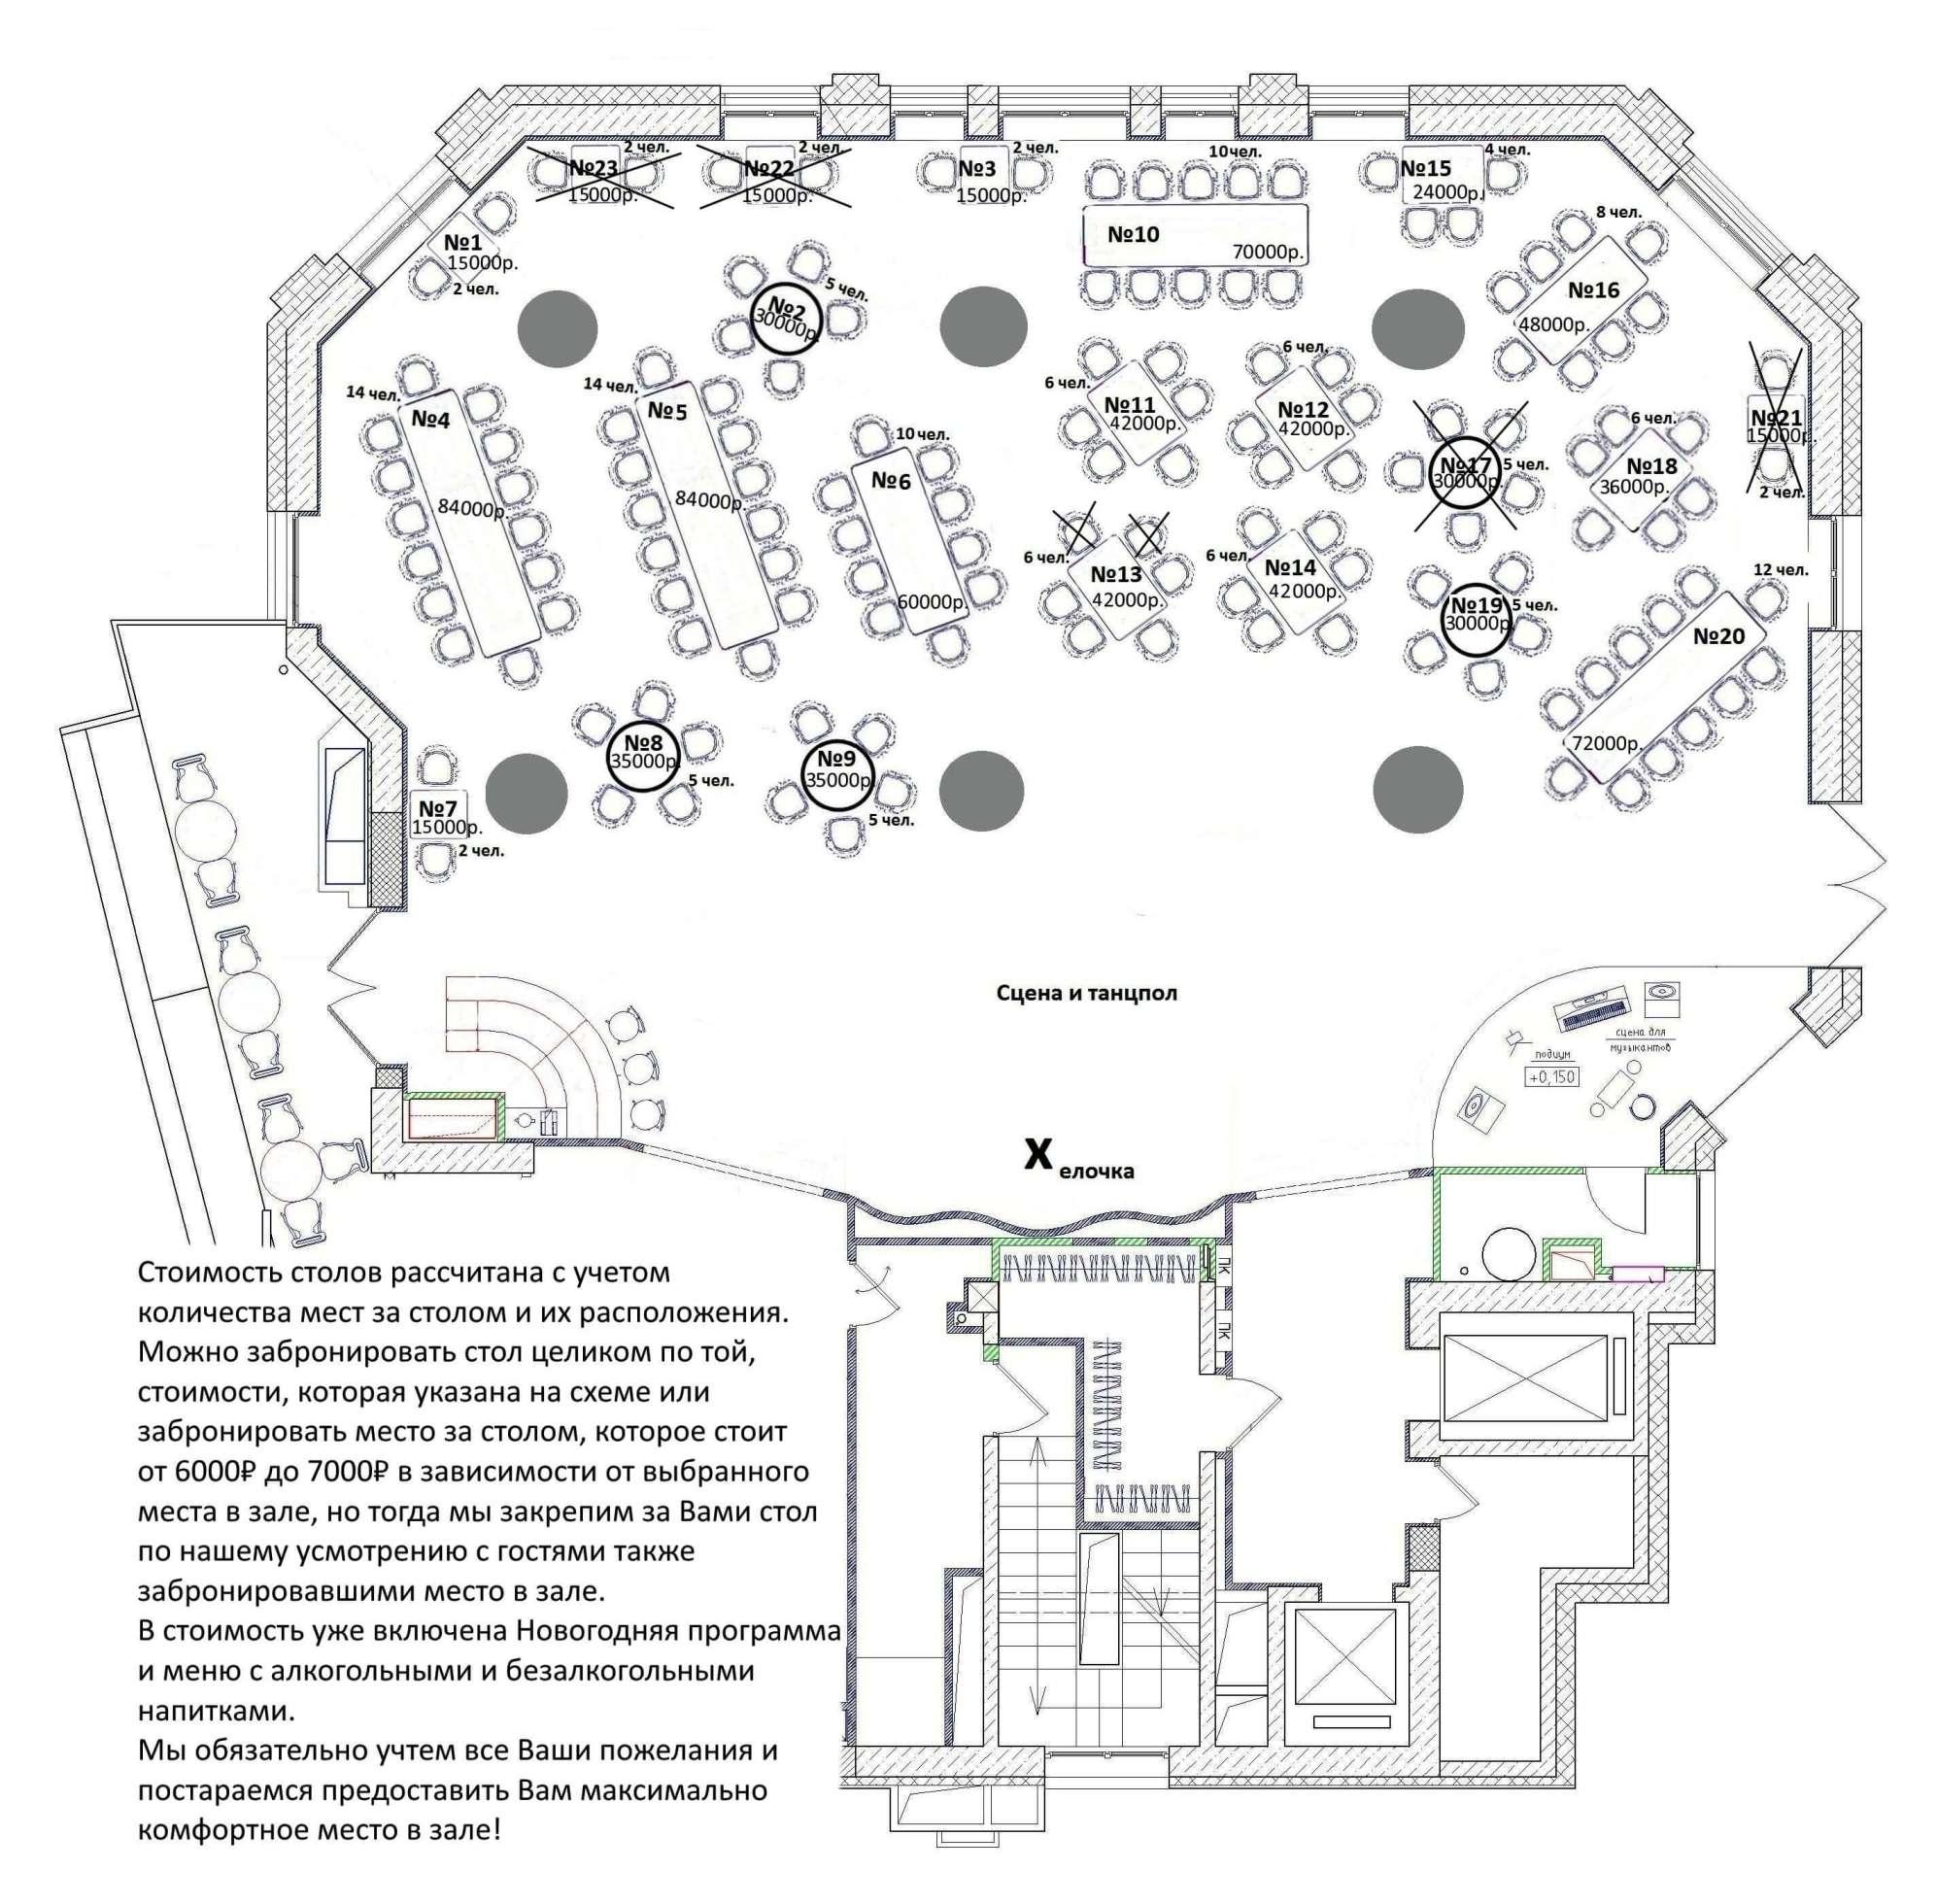 Схема рассадке в ресторане отеля Денарт